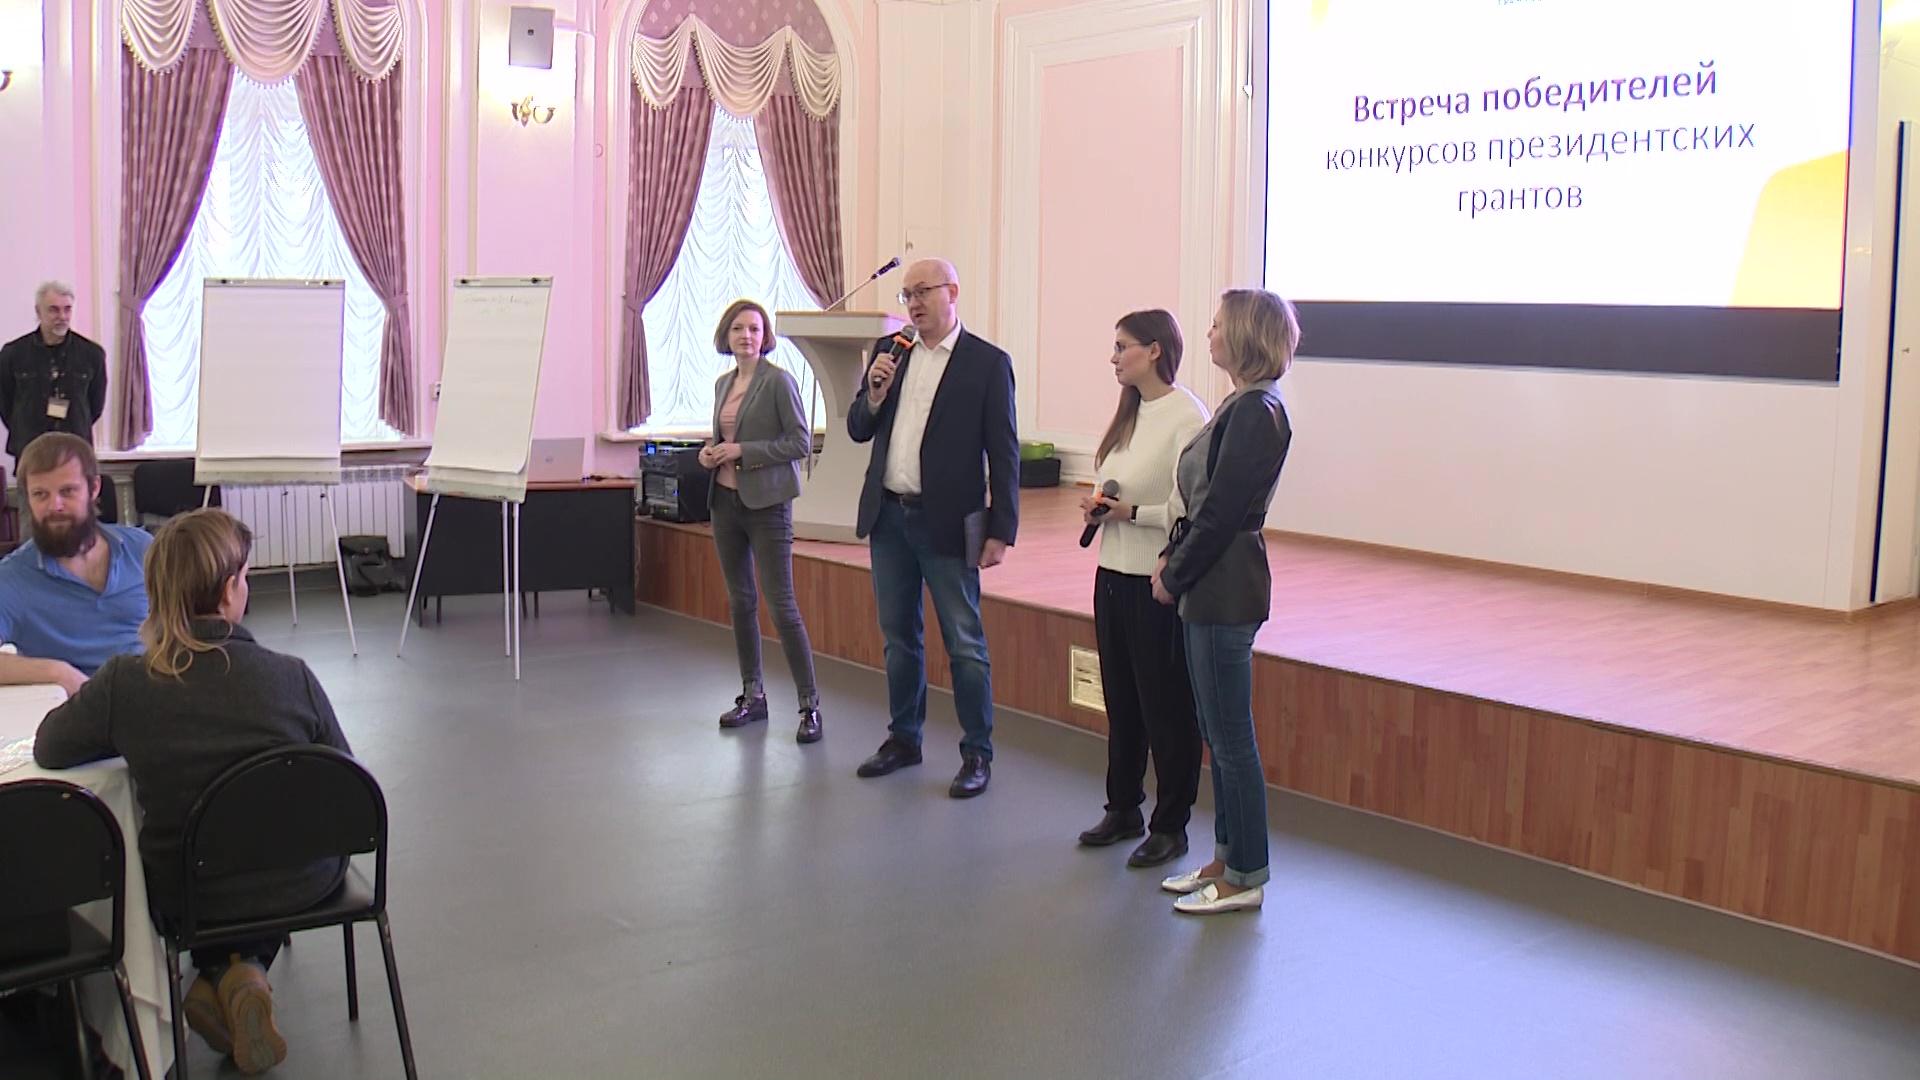 Руководители региональных НКО учатся управлению проектами на двухдневном тренинге